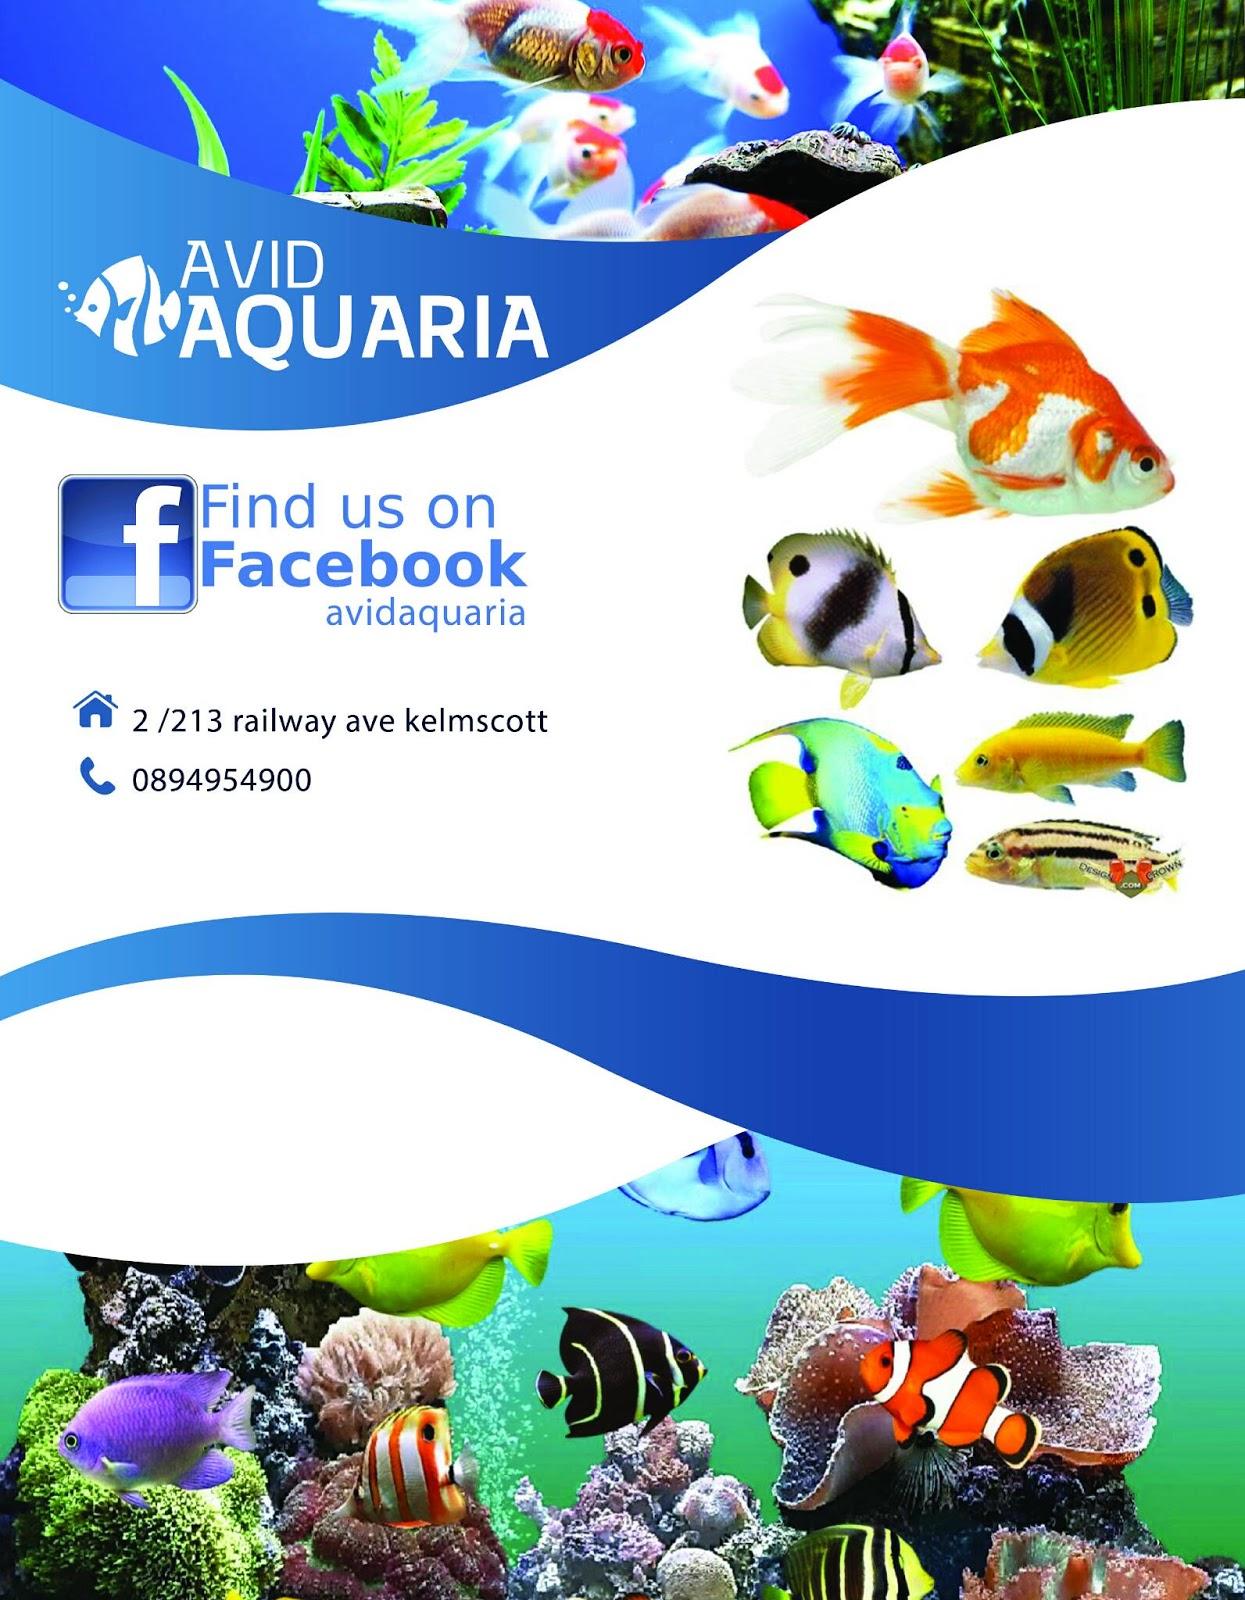 Avid aquaria,aquarium shop perth : Avid aquaria,aquarium